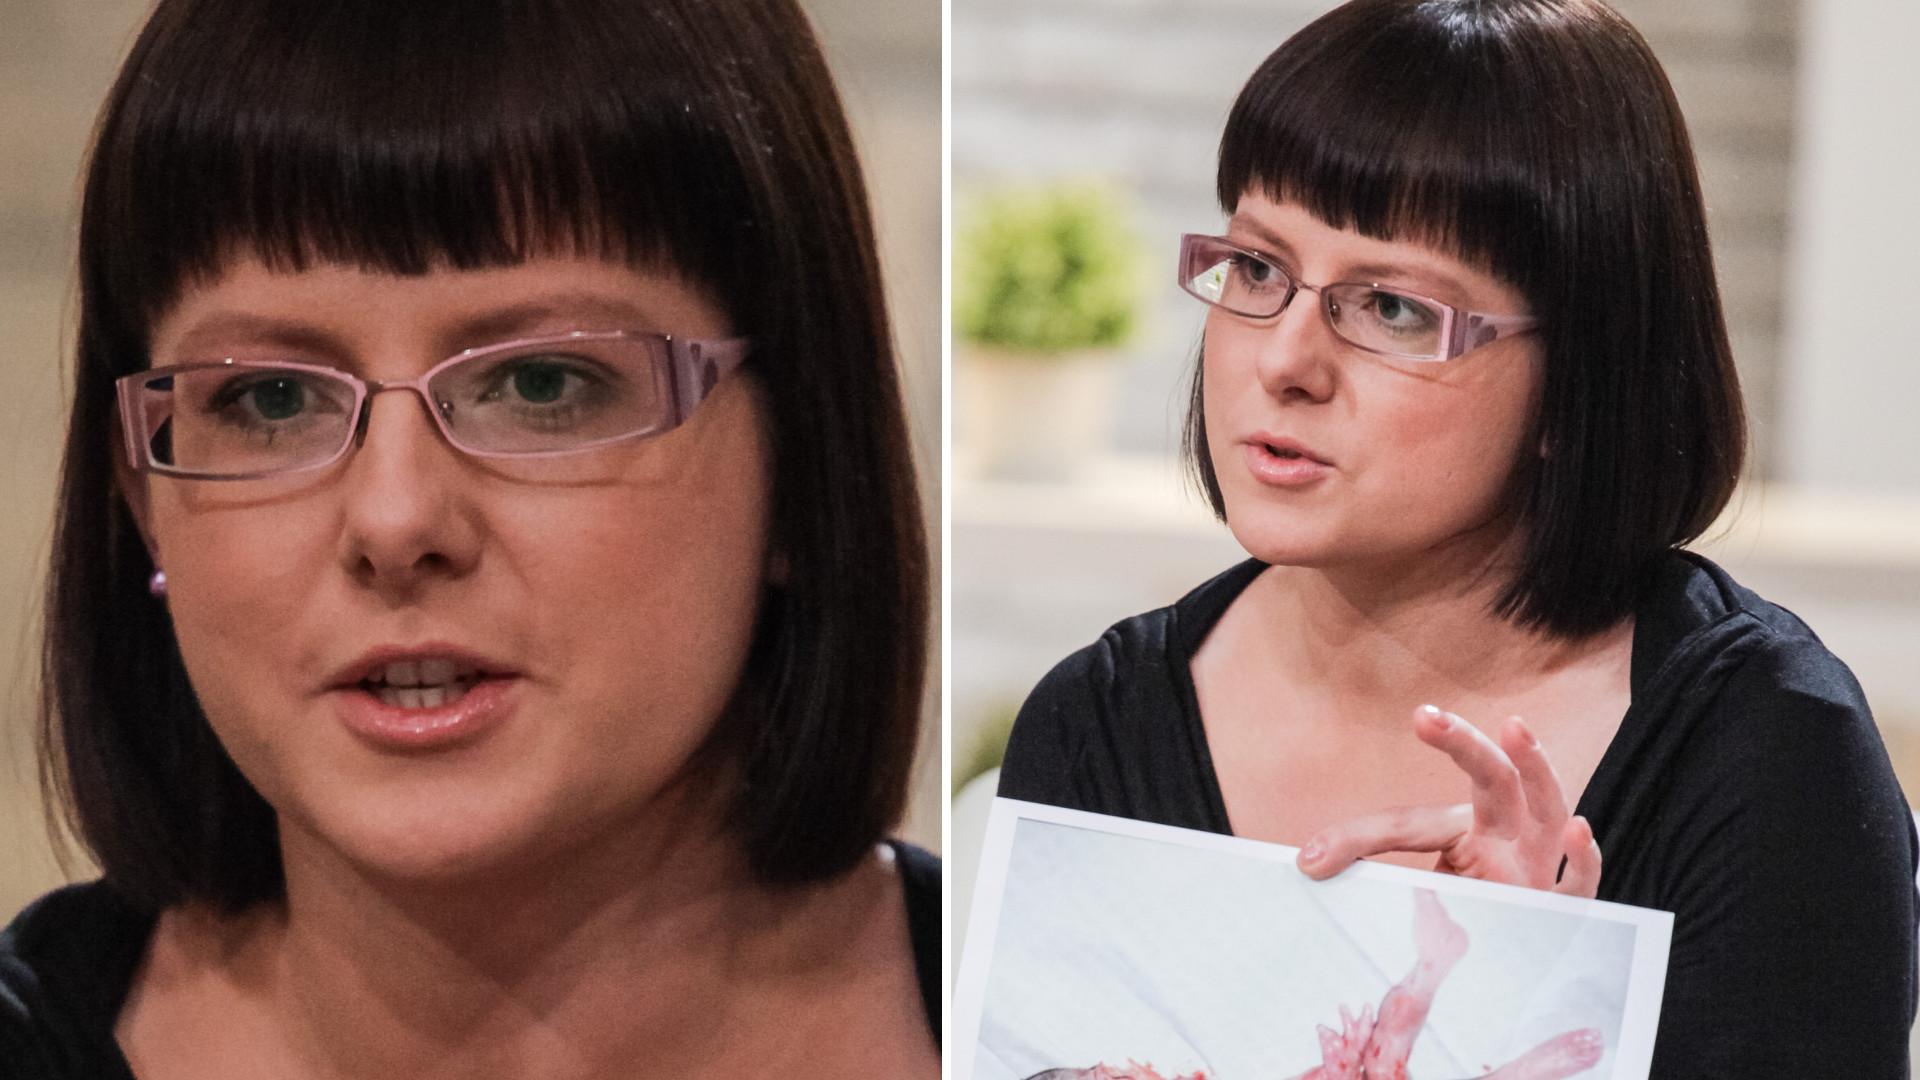 Kaja Godek opowiada o swoich ciążach: Za każdym razem w tym czasie było trudno, jakby wszystko sprzysięgło się przeciw mnie